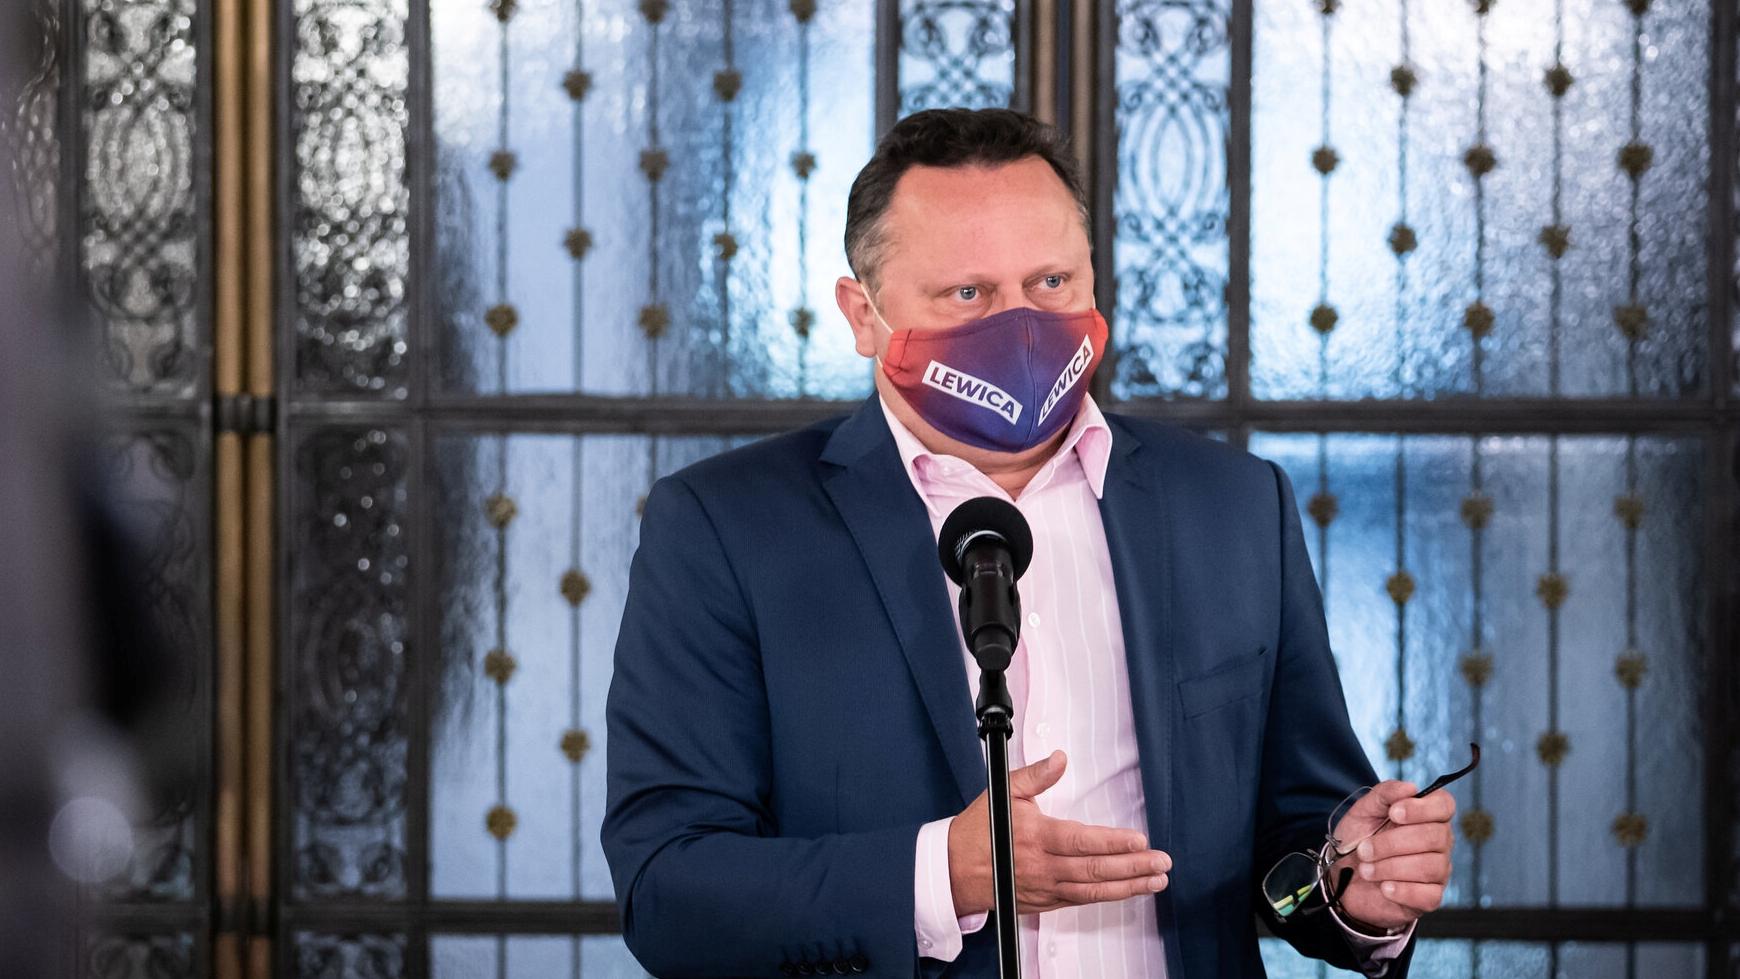 Lewica: Odpowiedź rządu dla KE ws. Izby Dyscyplinarnej to wyprowadzenie Polski z UE